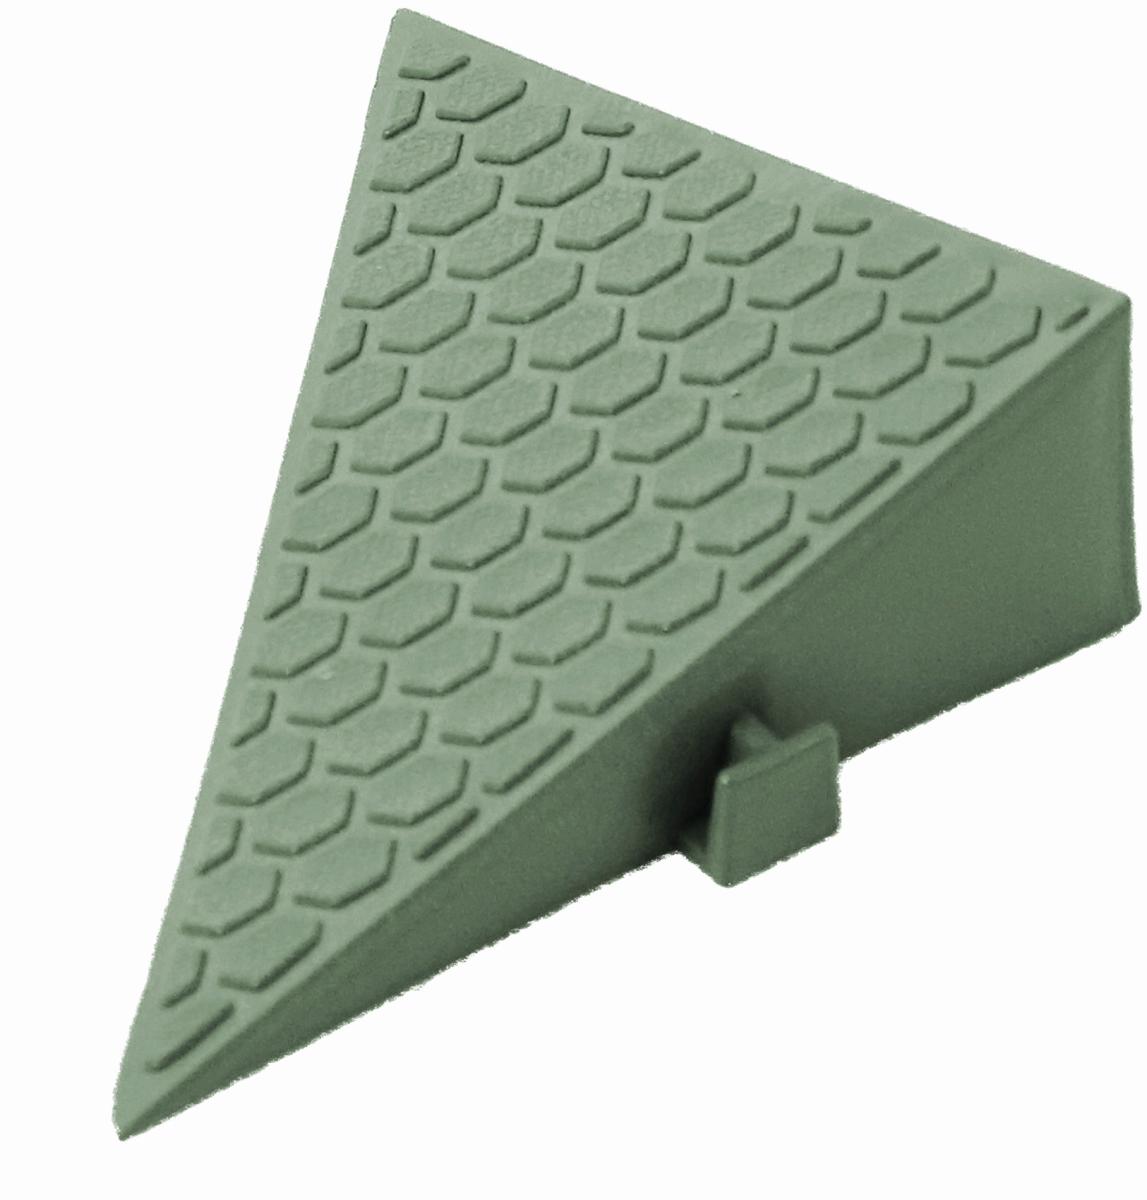 Eckteil DECK-CORNER 20,5x15 cm grün